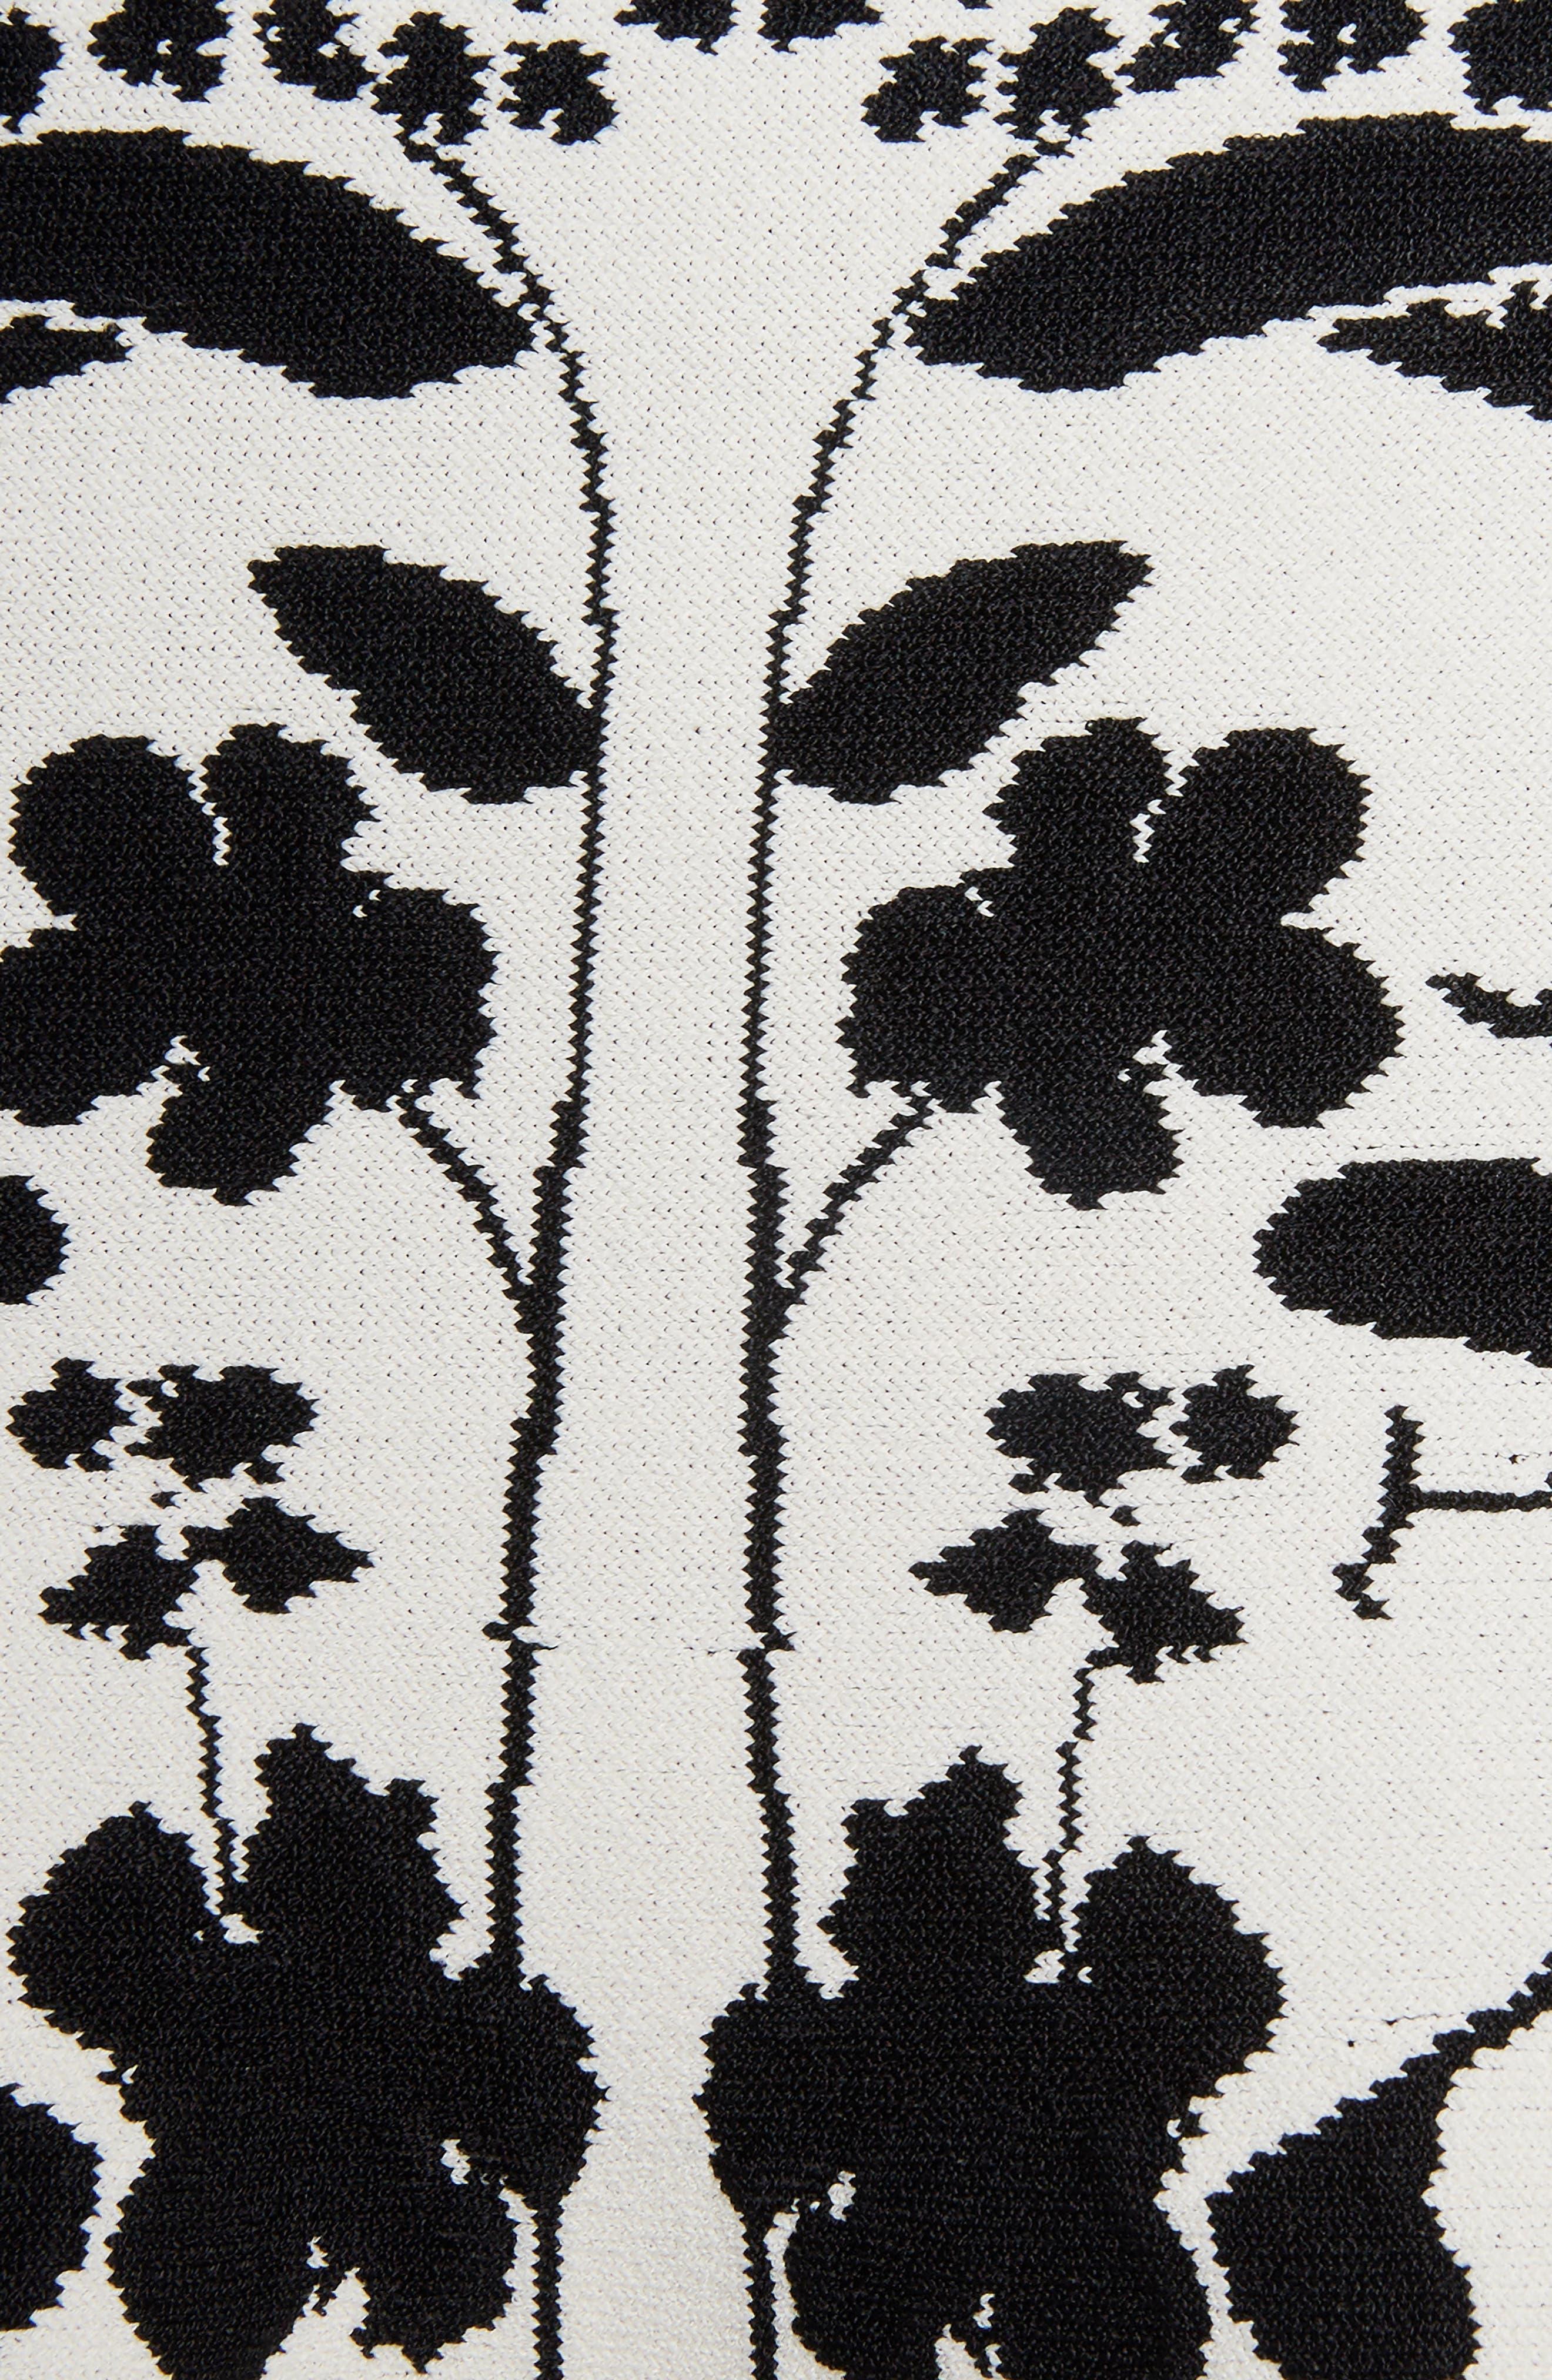 Botanical Jacquard Knit Flounce Skirt,                             Alternate thumbnail 5, color,                             Ivory/ Black